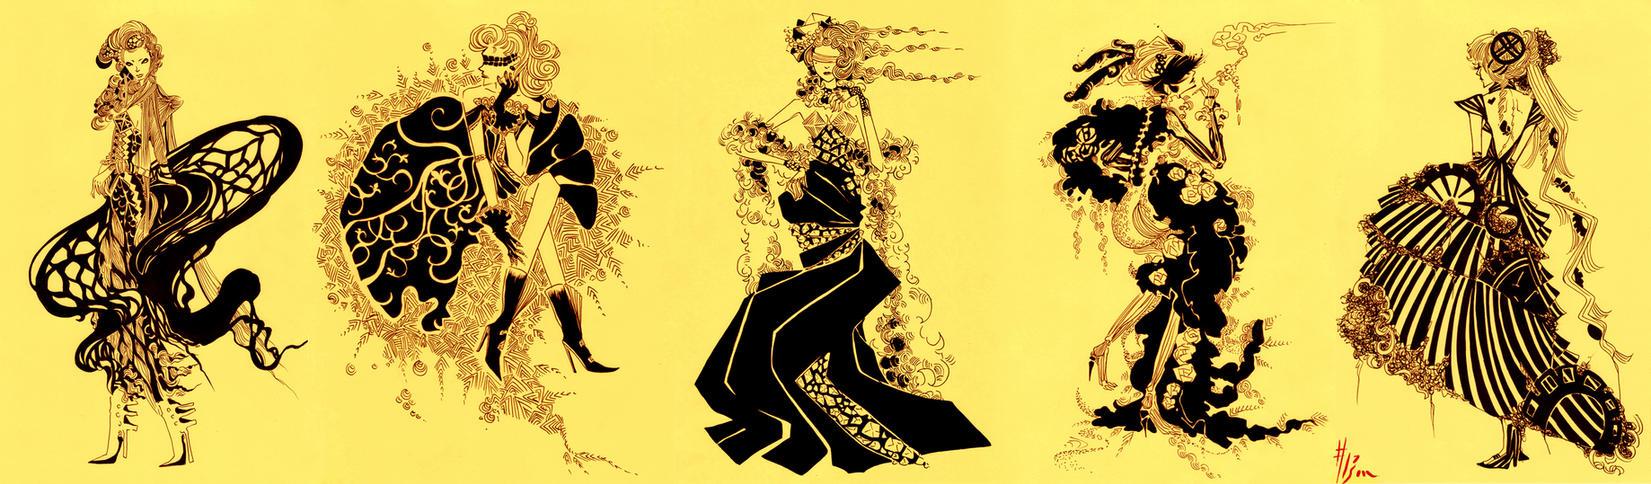 Fashion Graphic Design Normal By Alzheimer13 On Deviantart